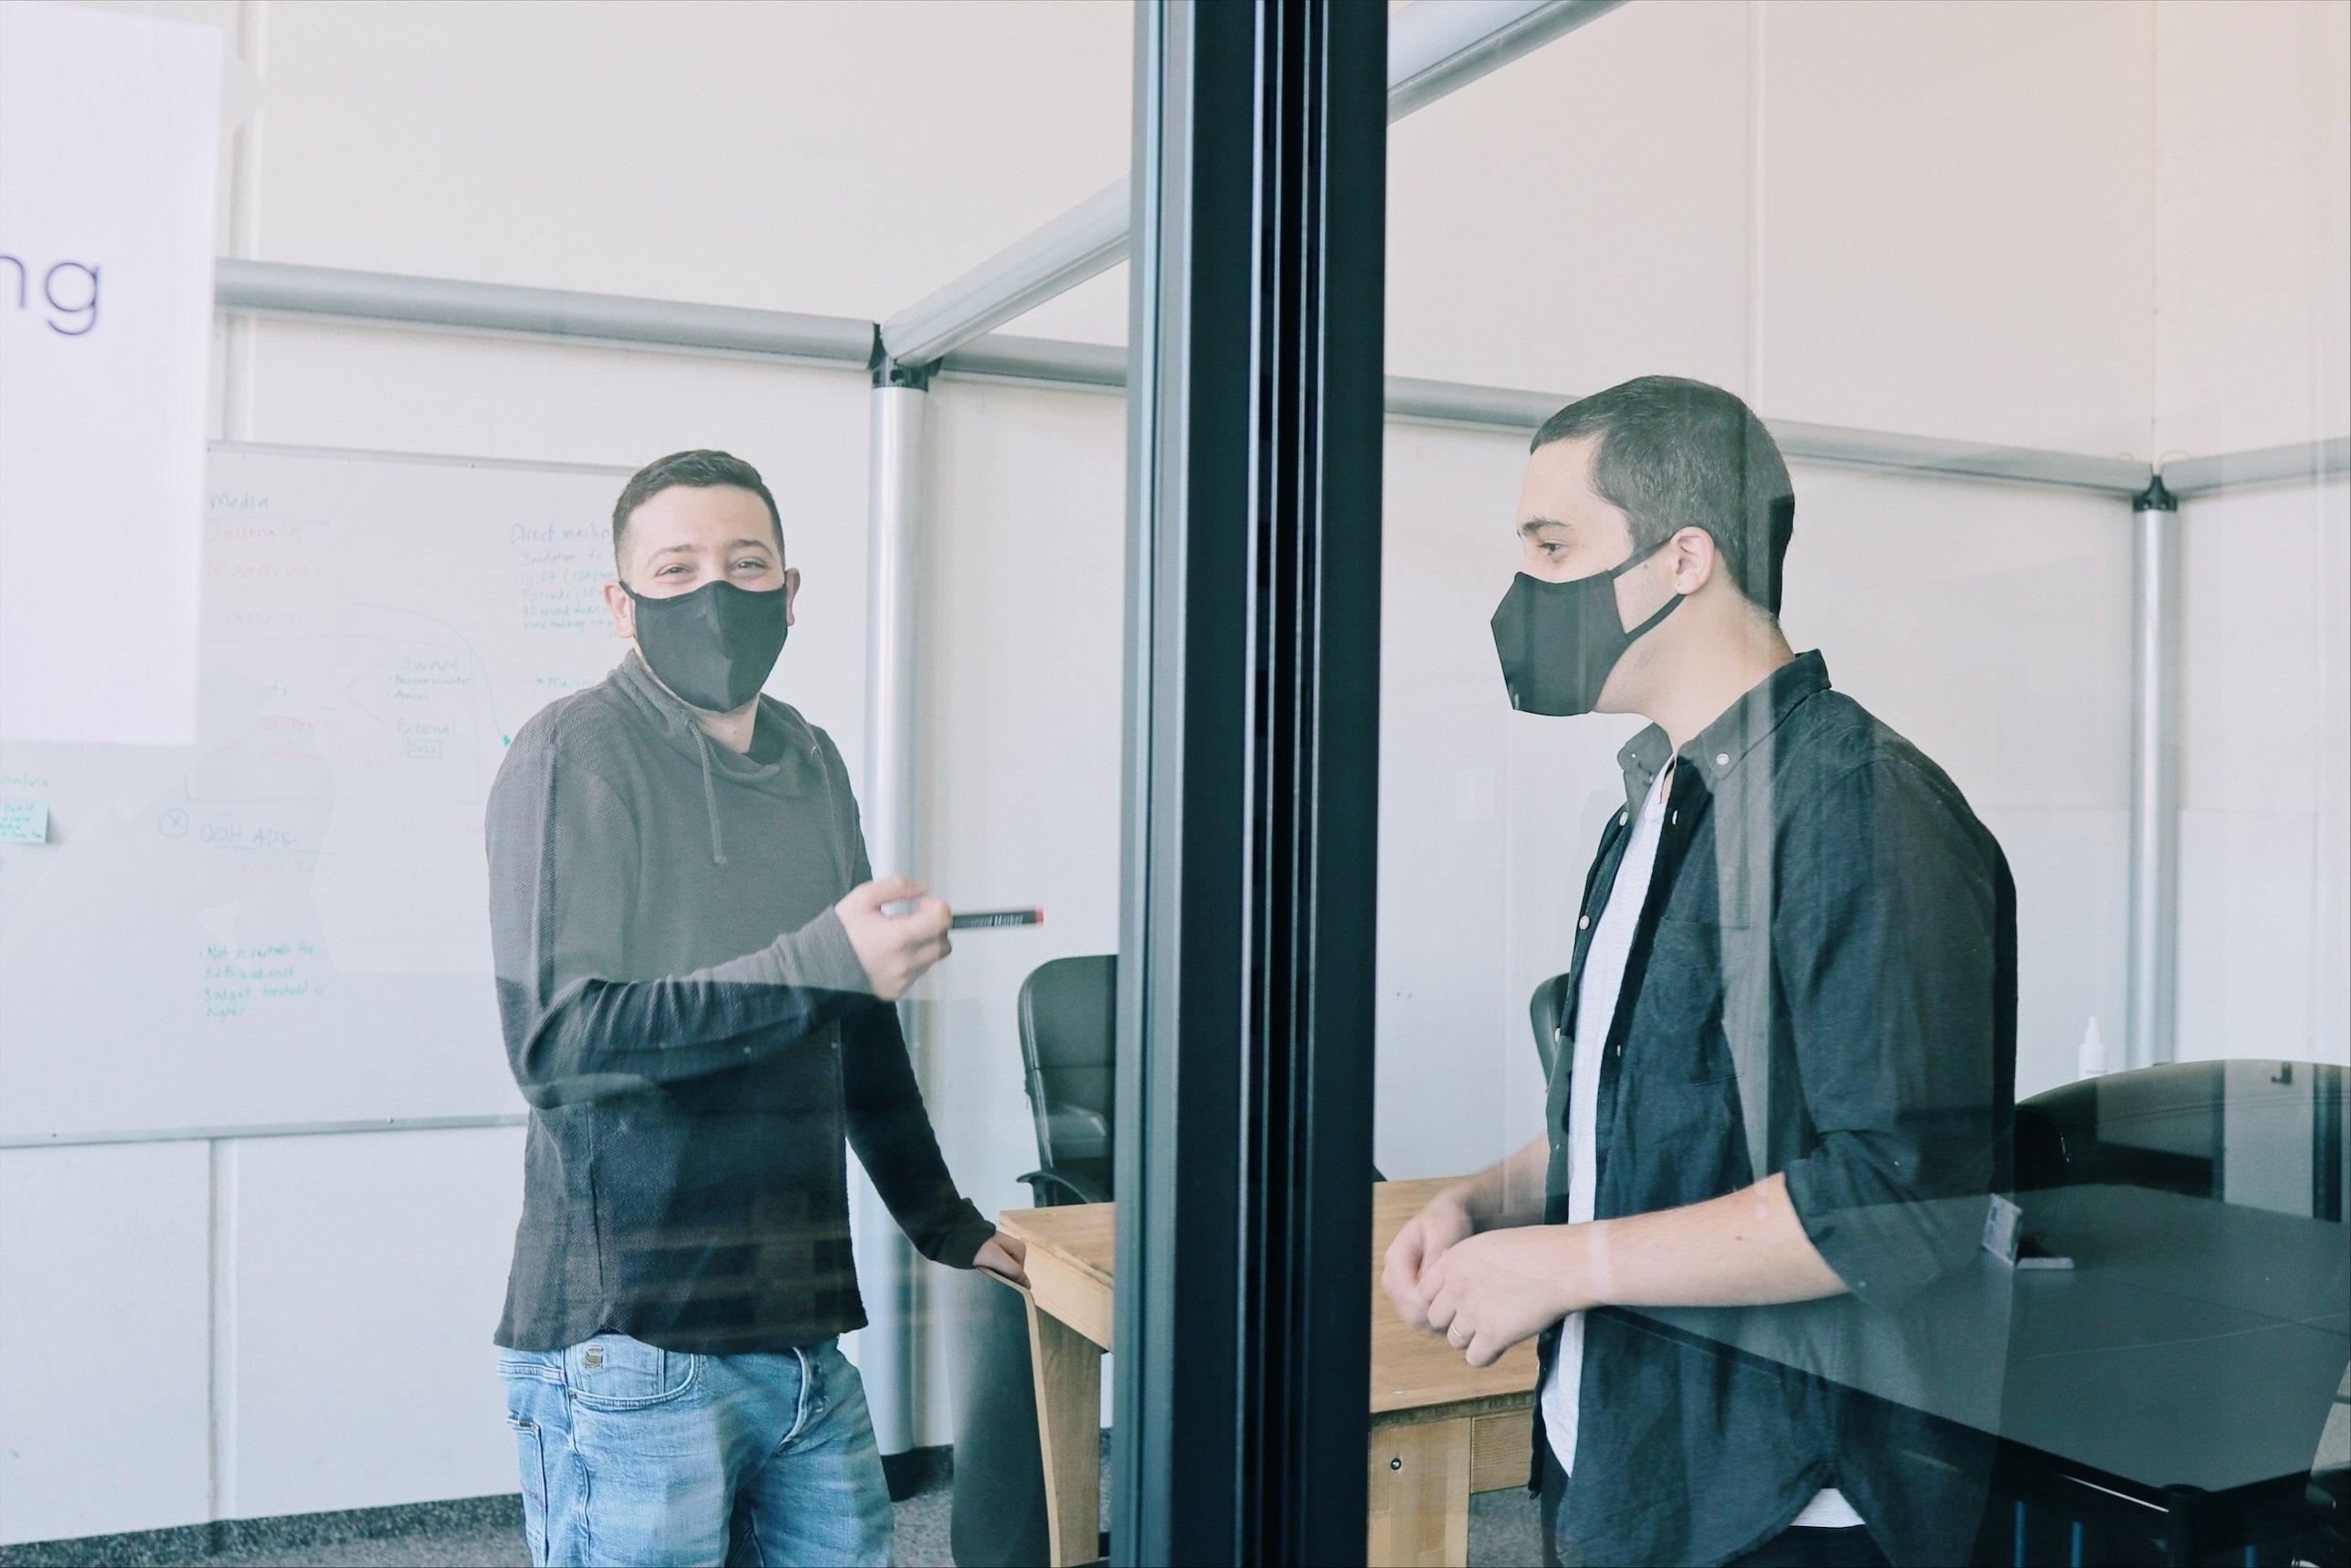 Alex (links) und Hugo (rechts) freuen sich, wieder im Nomoko-Büro zu sein, nachdem sie so lange von zu Hause aus gearbeitet haben